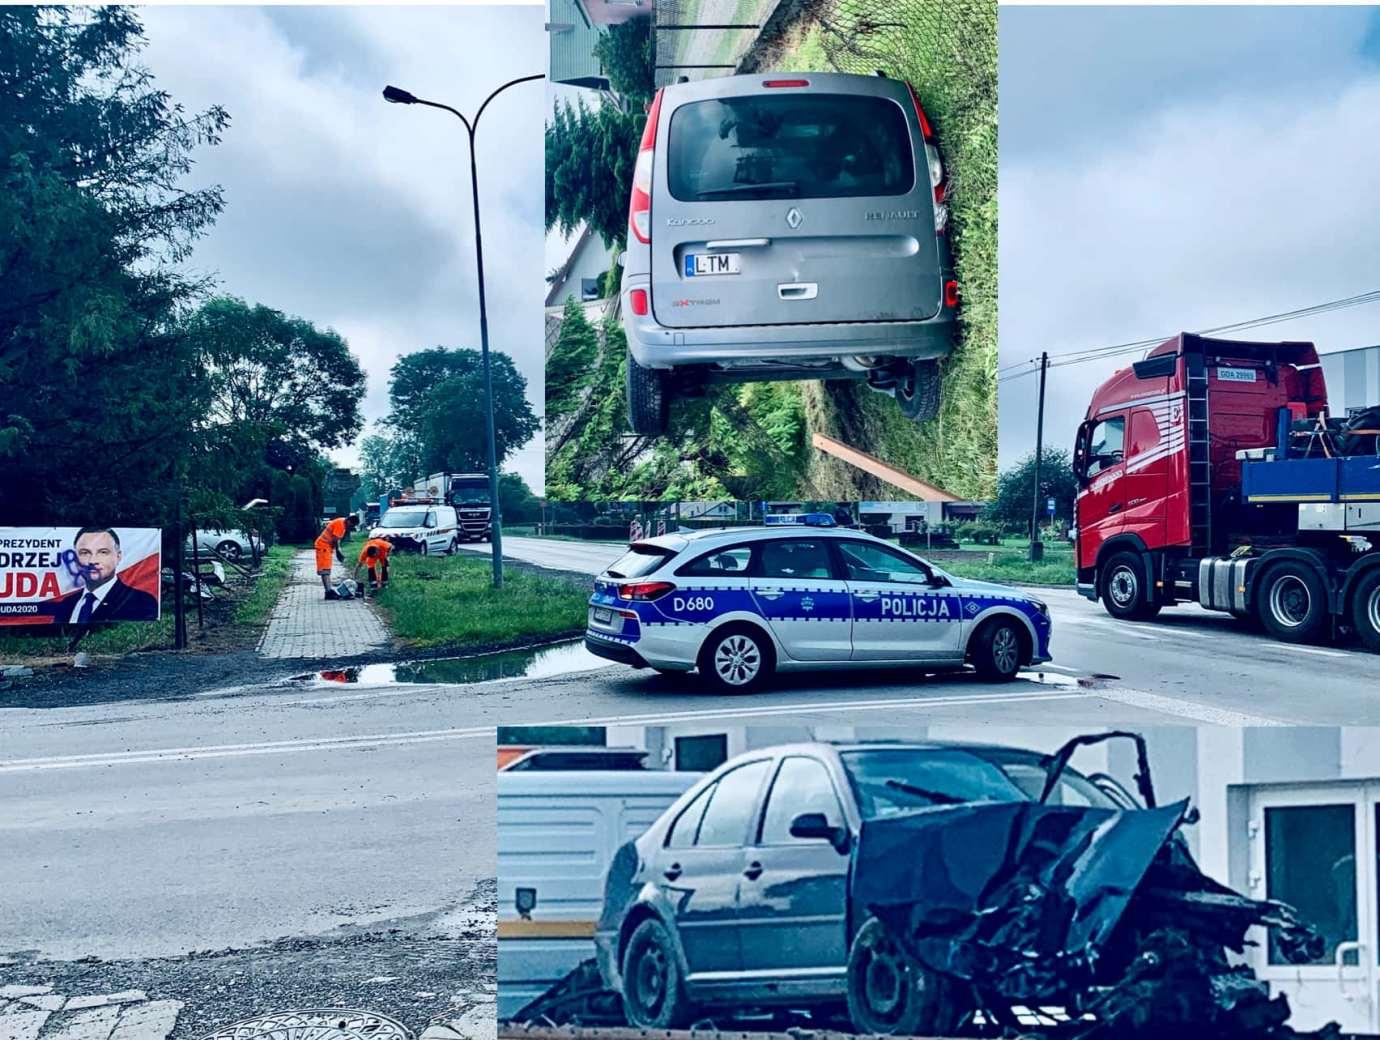 1s34 Zderzenie Volkswagena z Renault zablokowało skrzyżowanie w Kalinowicach (ZDJĘCIA)